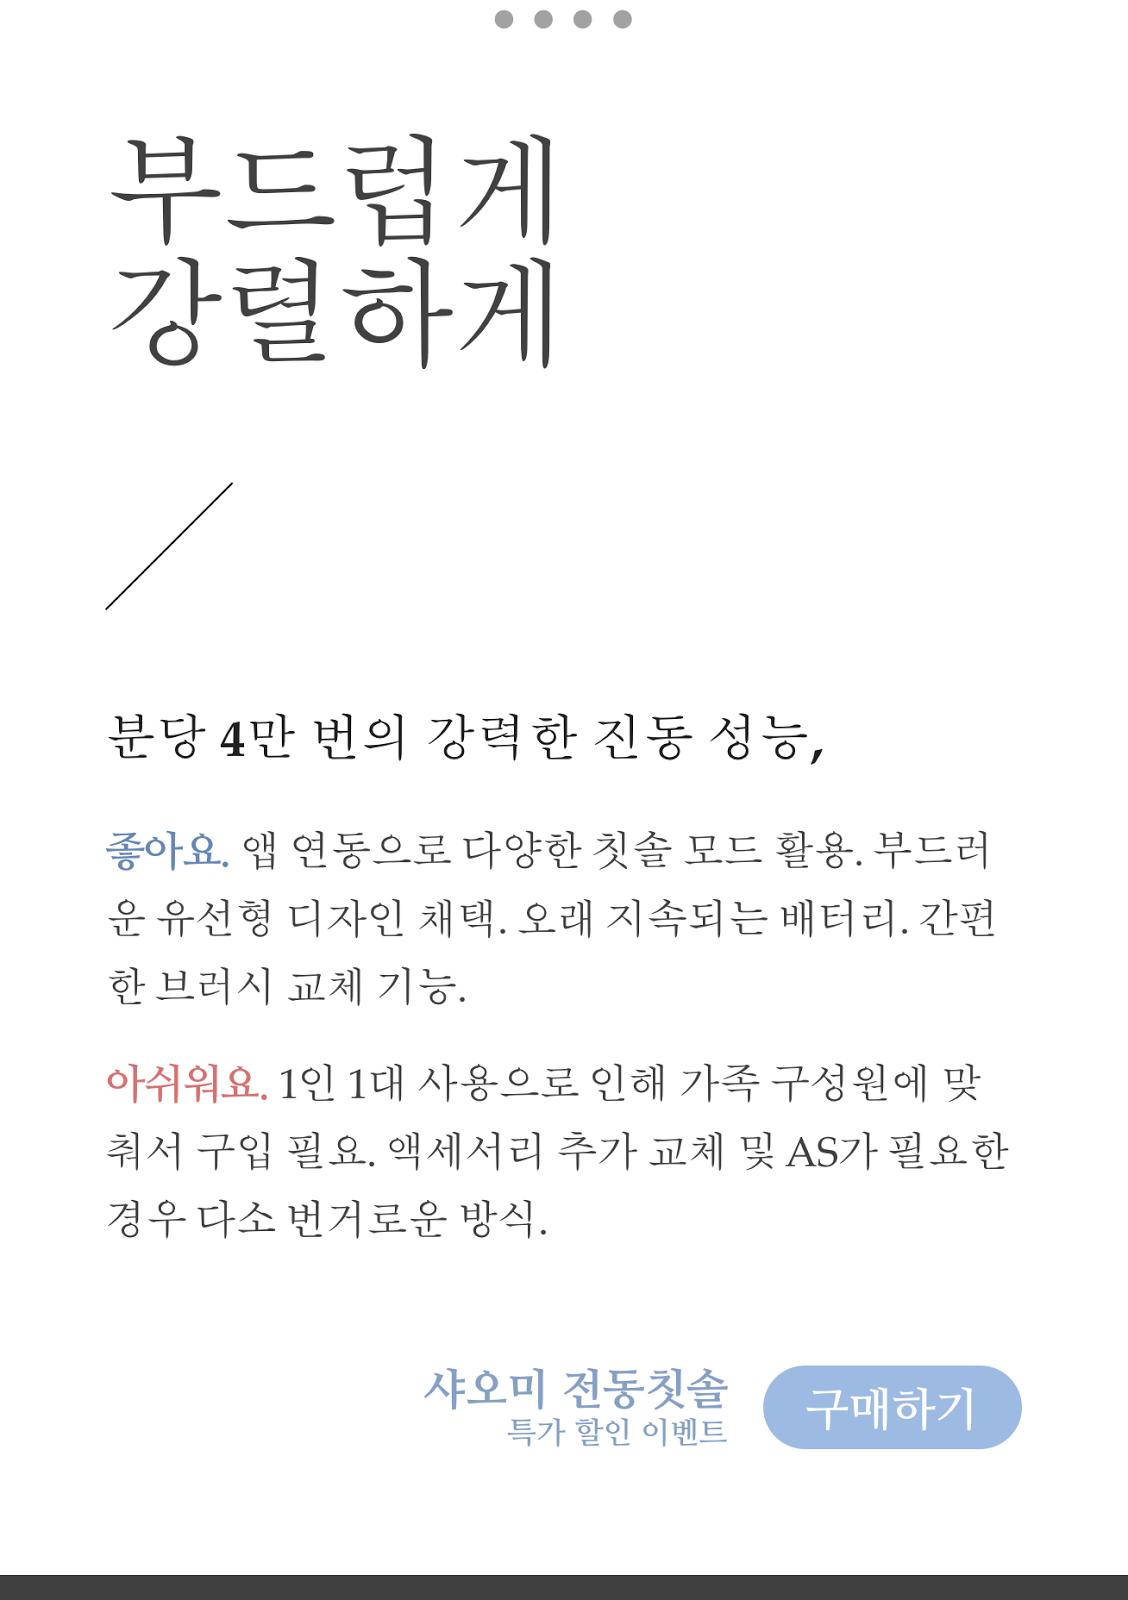 https://www.gearbest.com/promotion-xiaomi-oclean-se-special-1801.html